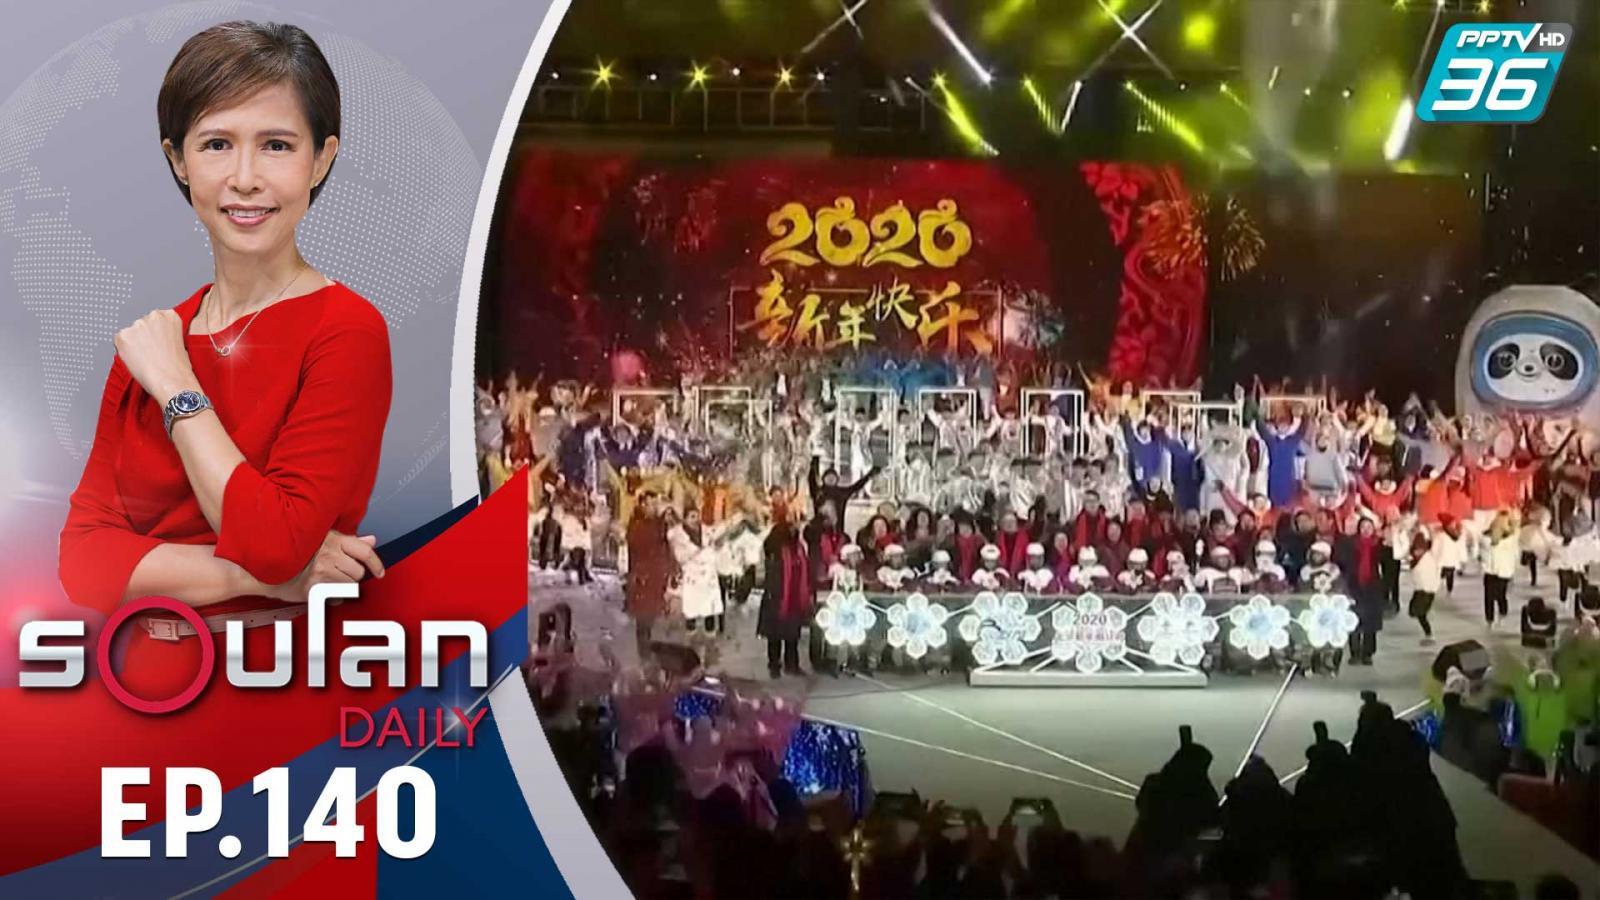 ชาวเมืองอู่ฮั่นฉลองปีใหม่ คลายความอัดอั้น   1 ม.ค. 64   รอบโลก DAILY